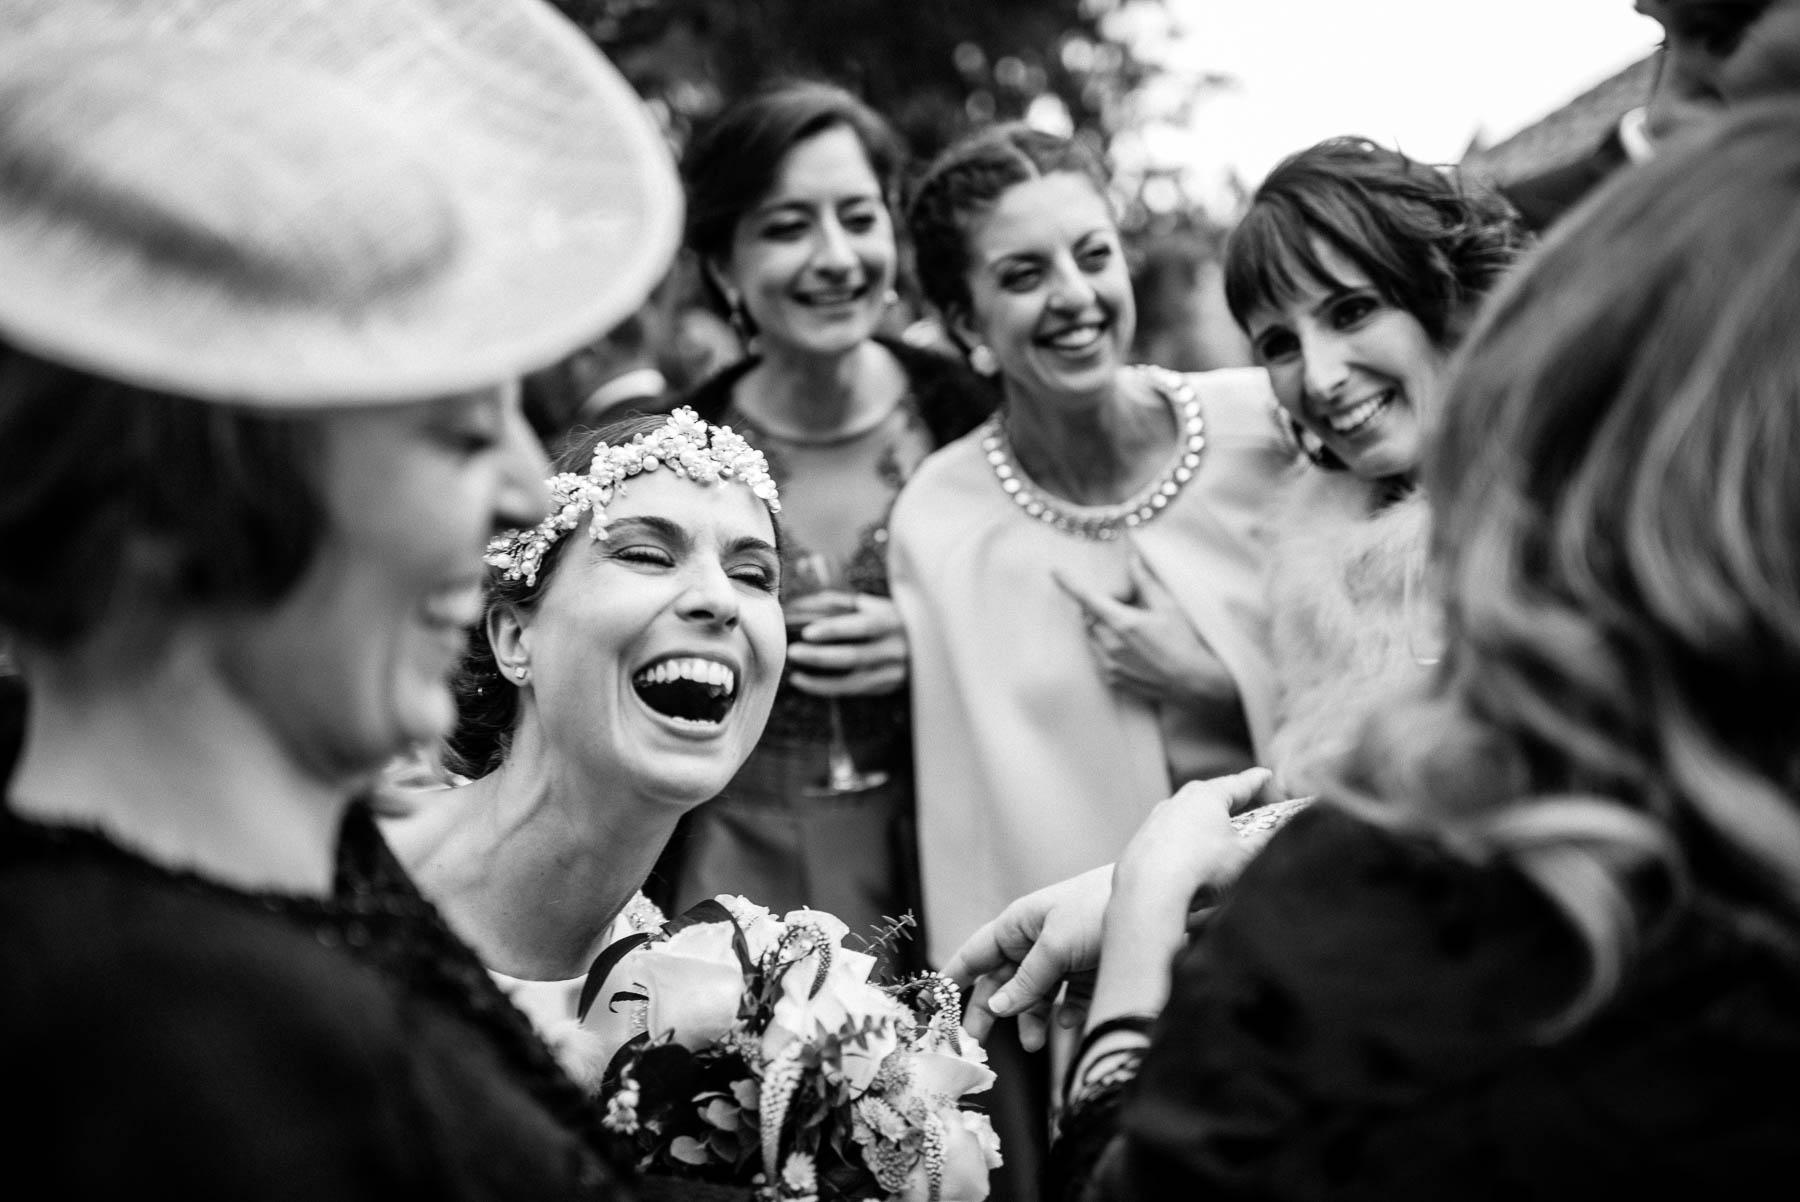 Fot grafos coru a fot grafo de boda dani d vila - Fotografos en coruna ...